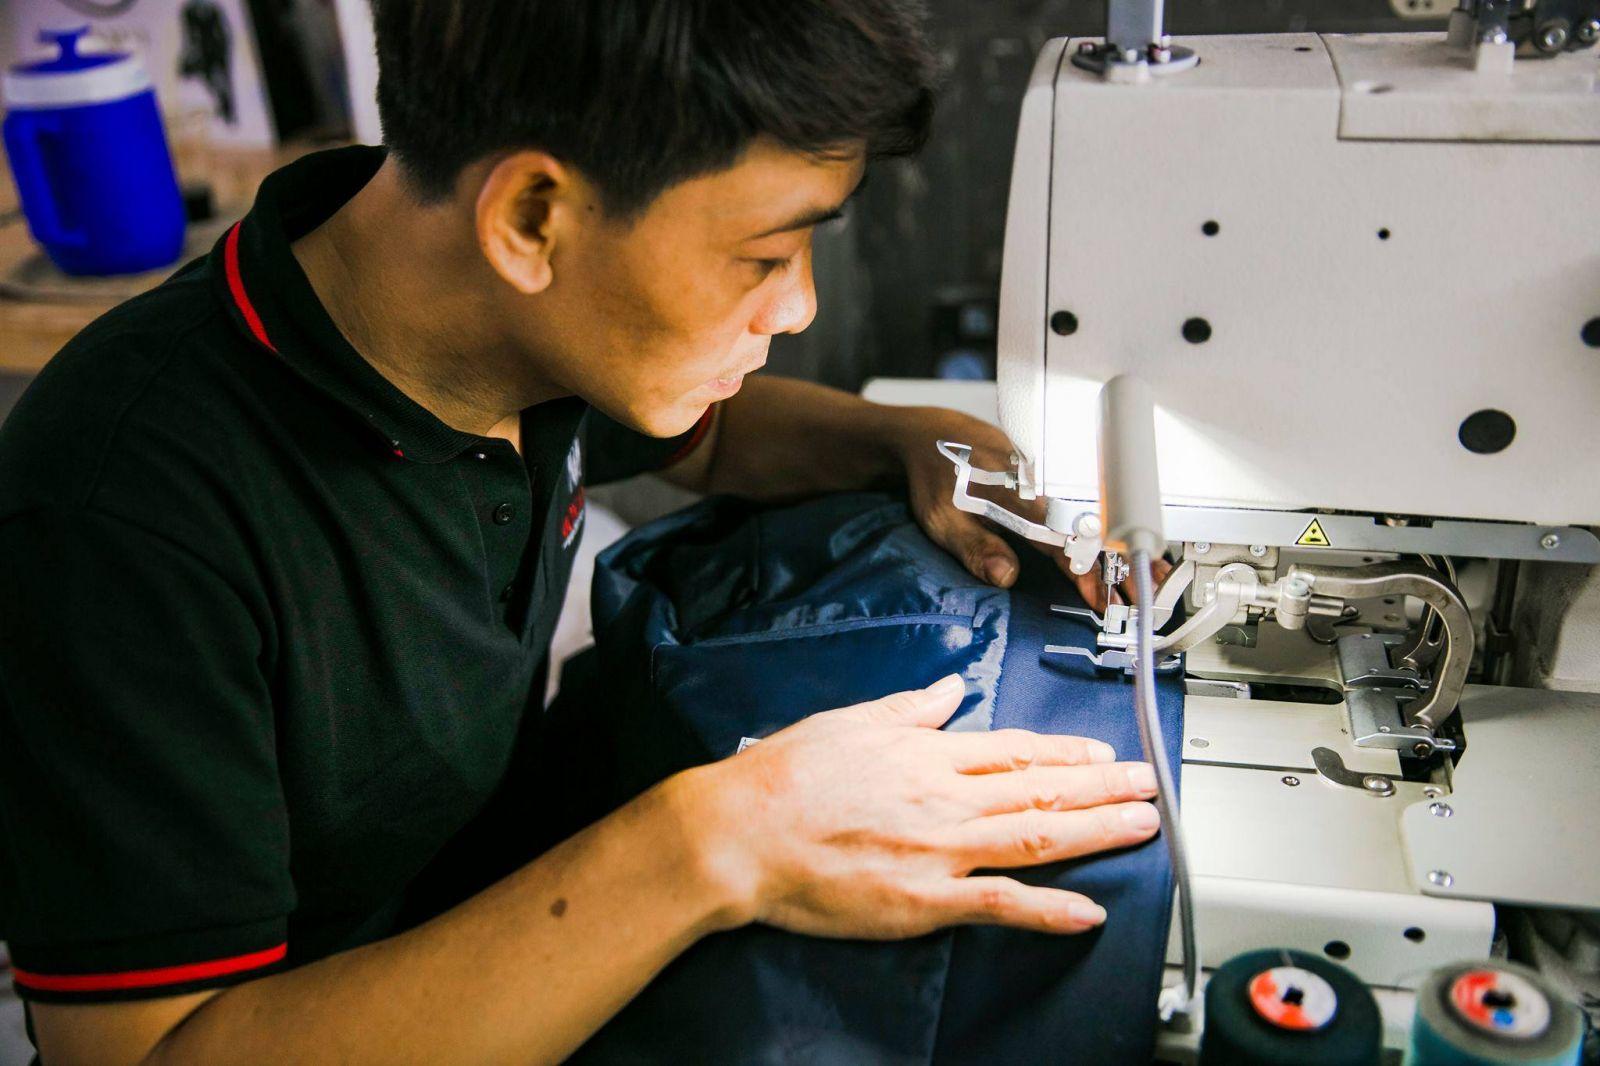 Đặt may đồ mặc Tết gặp nhiều khó khăn trắc trở, đặc biệt là các sản phẩm Veston.